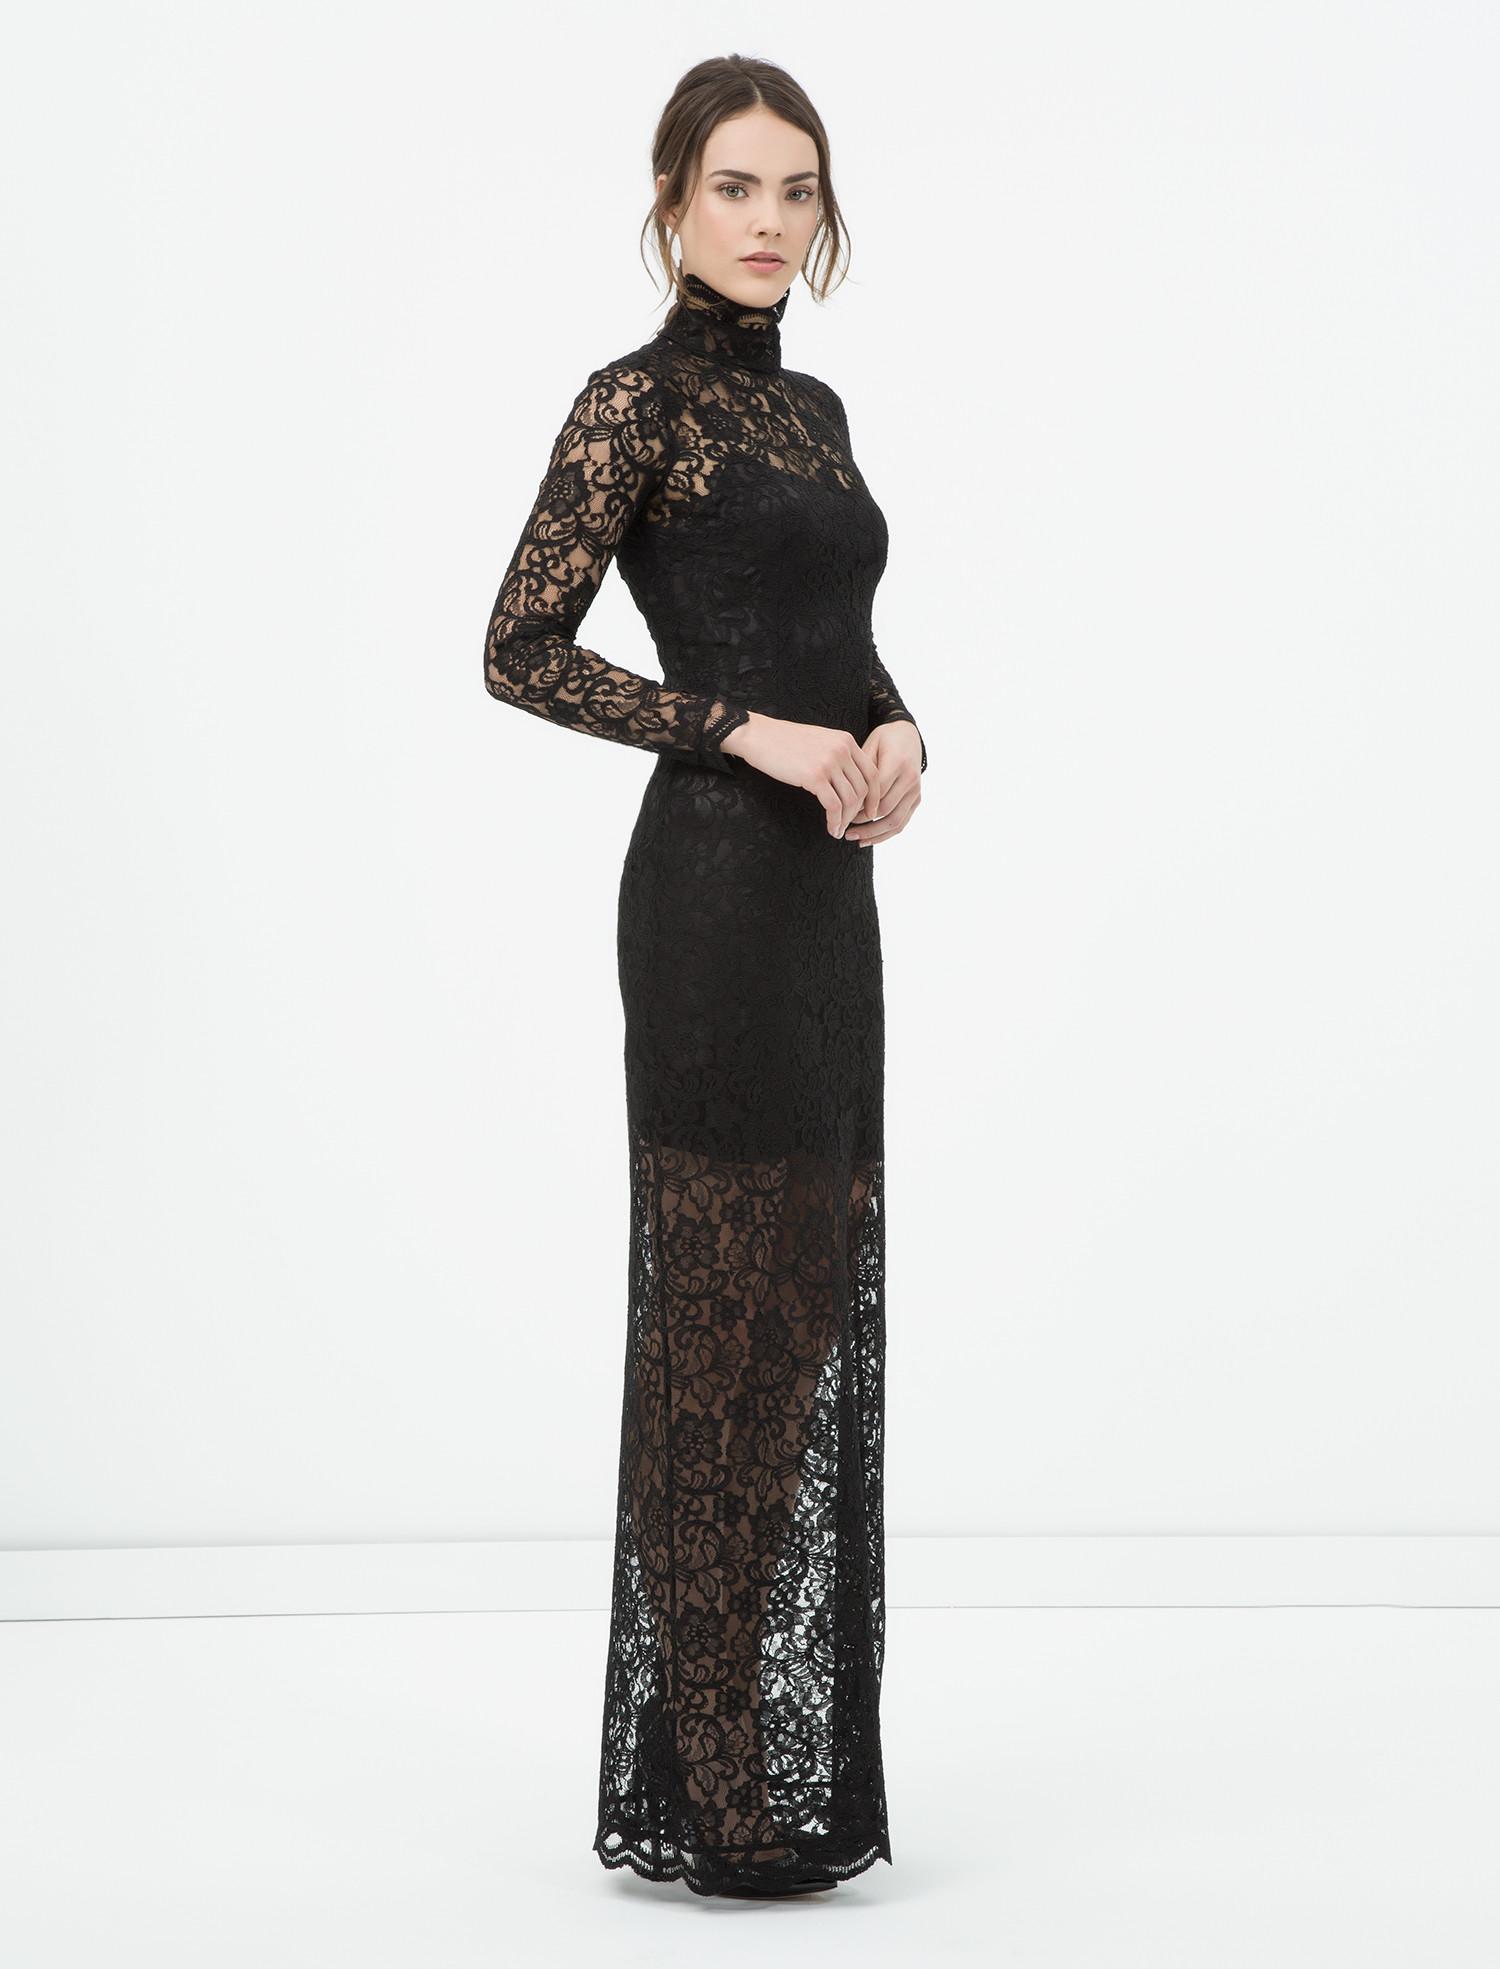 Yazlık Koton Elbise Modelleri 2017